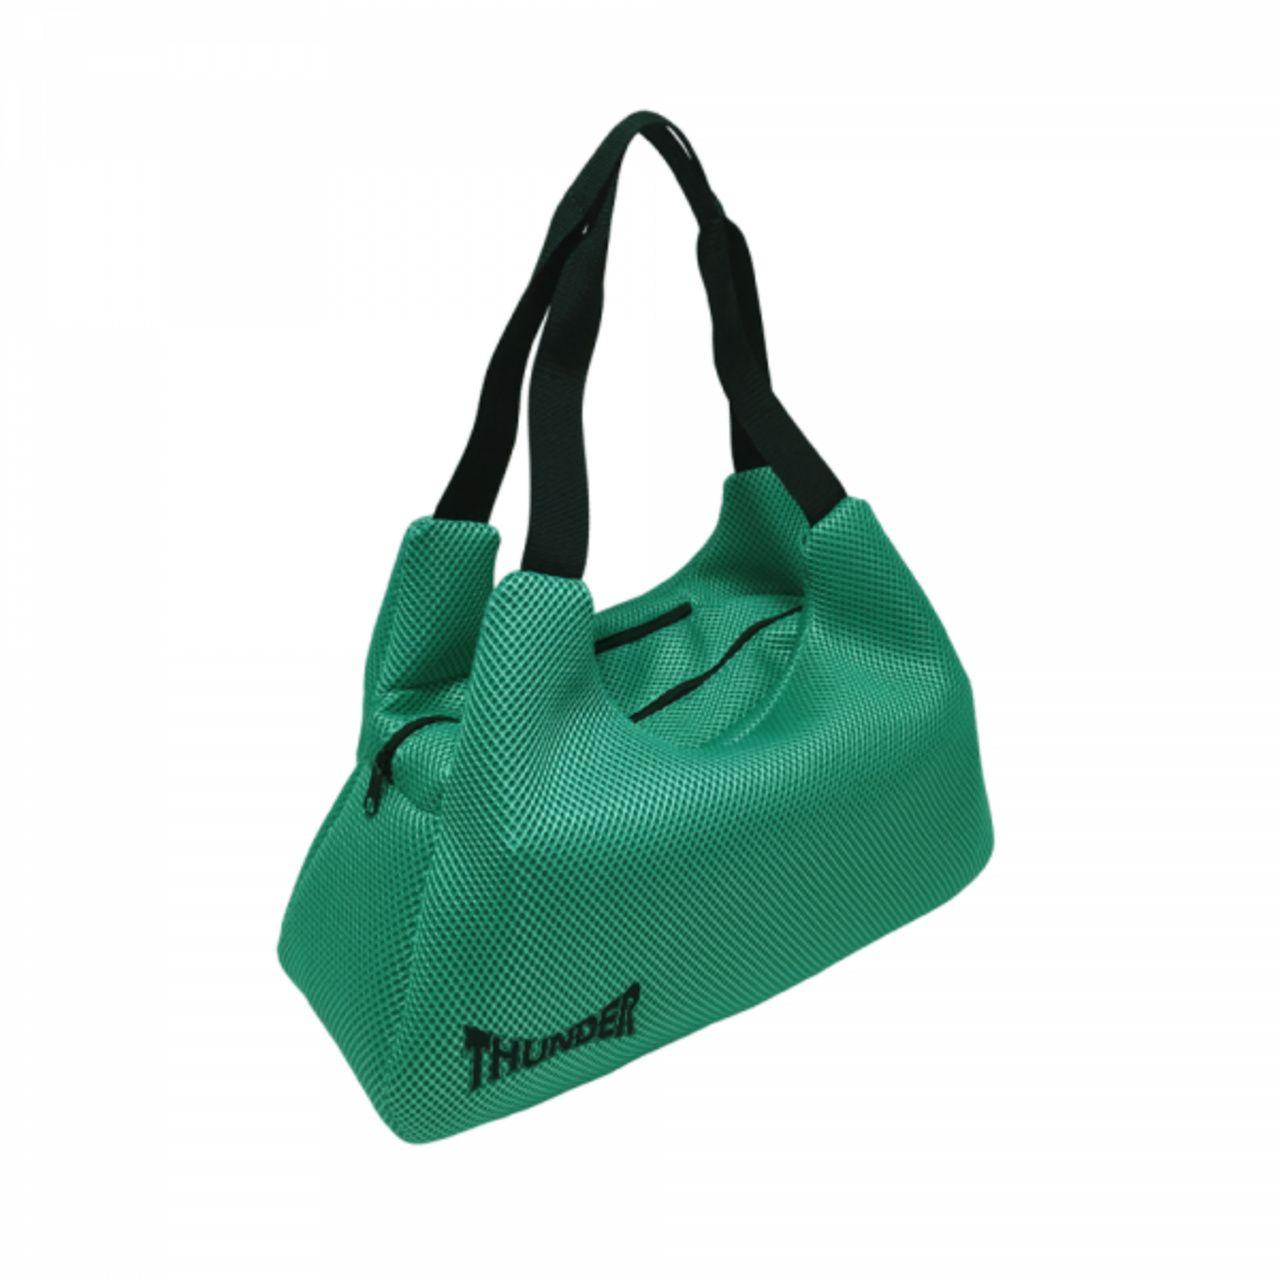 Bolsa Esportiva Academia Fitness Treino - Verde Agua - Pulser  - PRALUTA SHOP